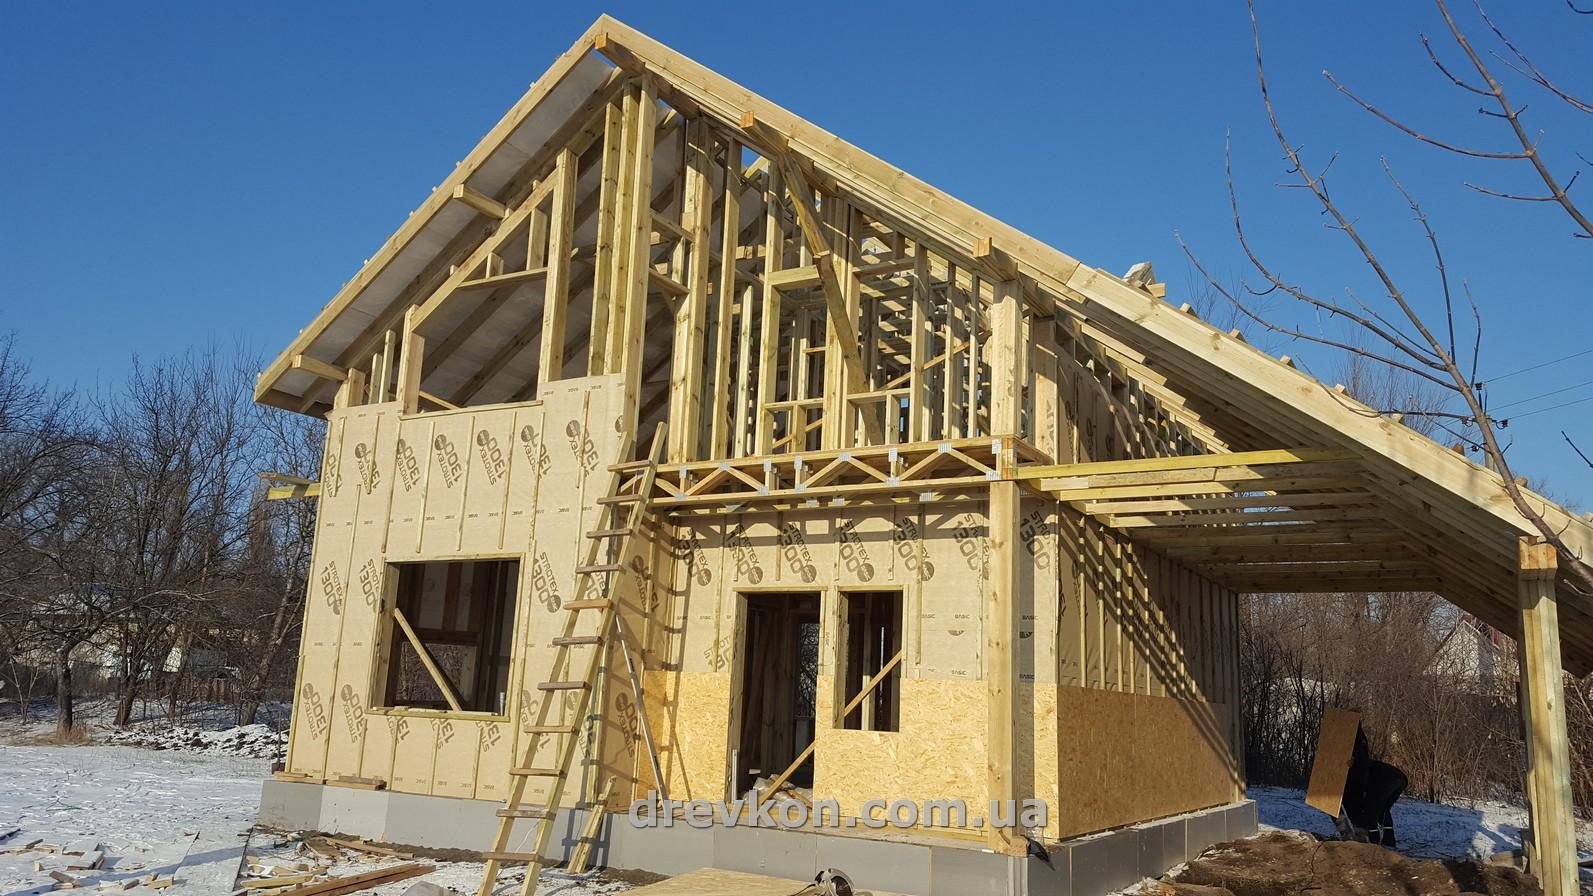 Пошаговое руководство по строительству крыши для дома своими руками